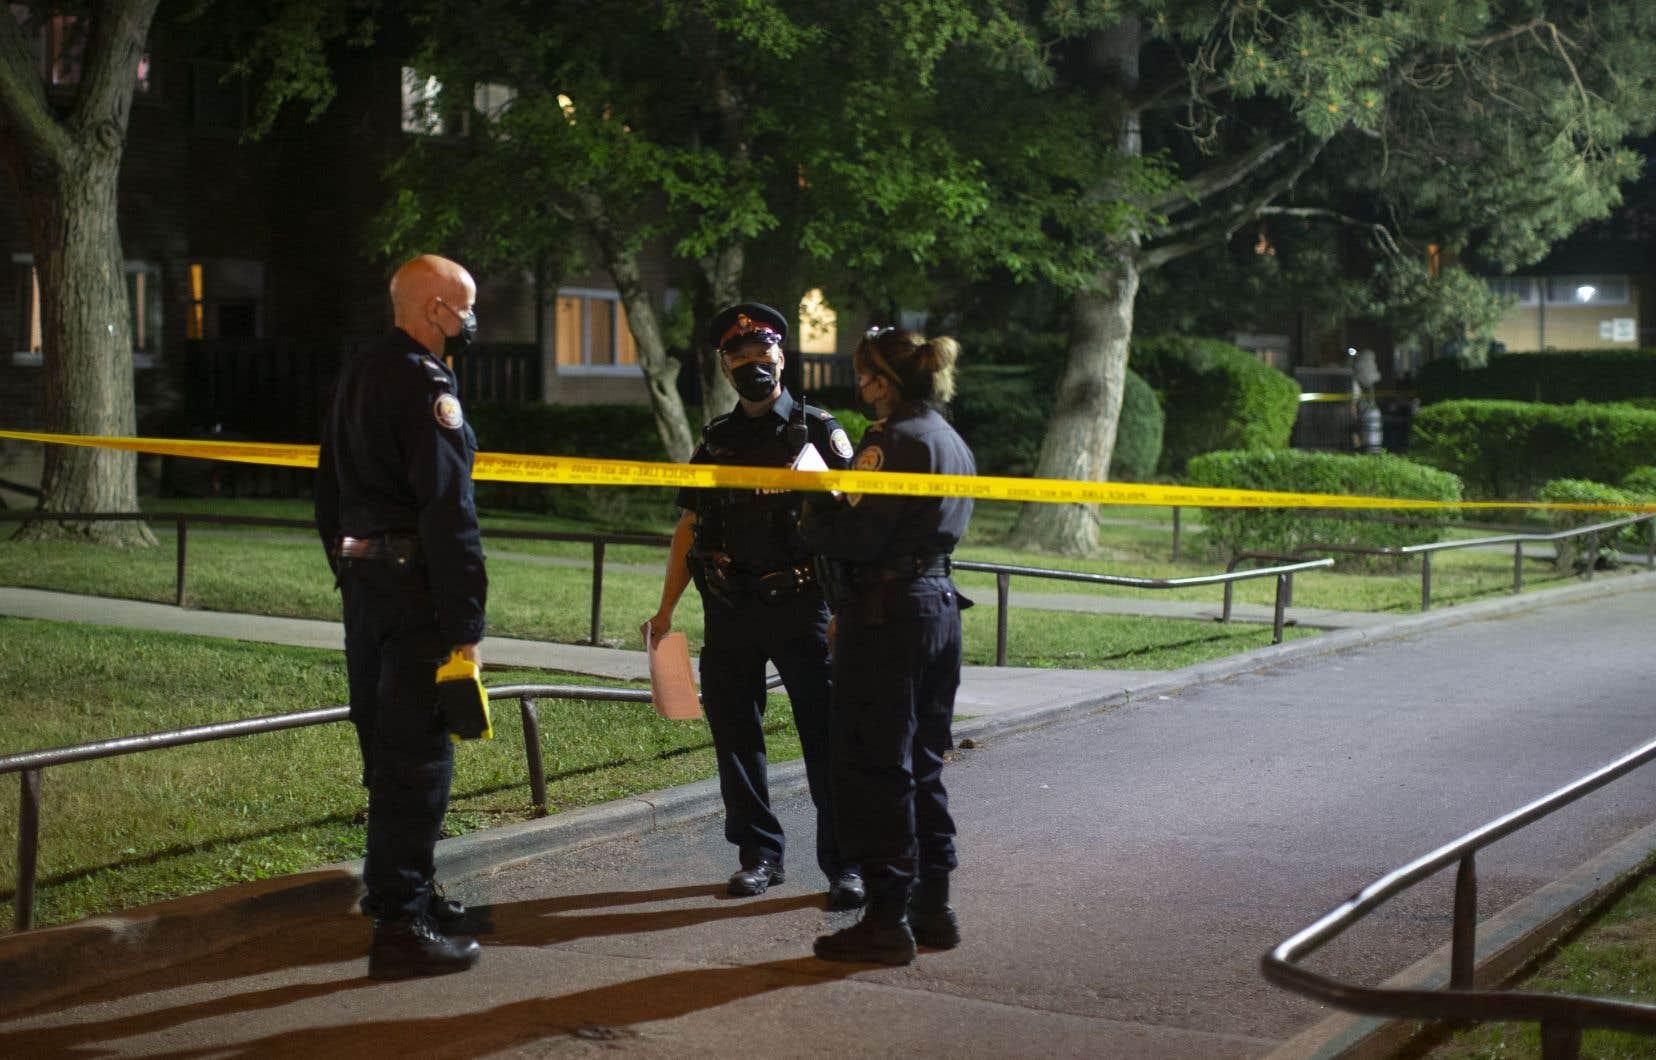 Les policiers ont été appelés sur les lieux juste avant20 heures, dans le quartier Rexdale.Plusieurs suspects sont recherchés.